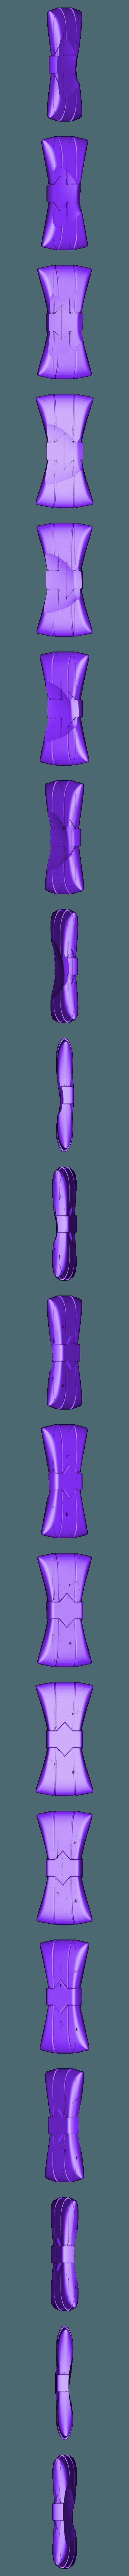 ribbon_R.stl Télécharger fichier STL gratuit Tama dans le monde du Final Fantasy • Design imprimable en 3D, Crackers3D4D